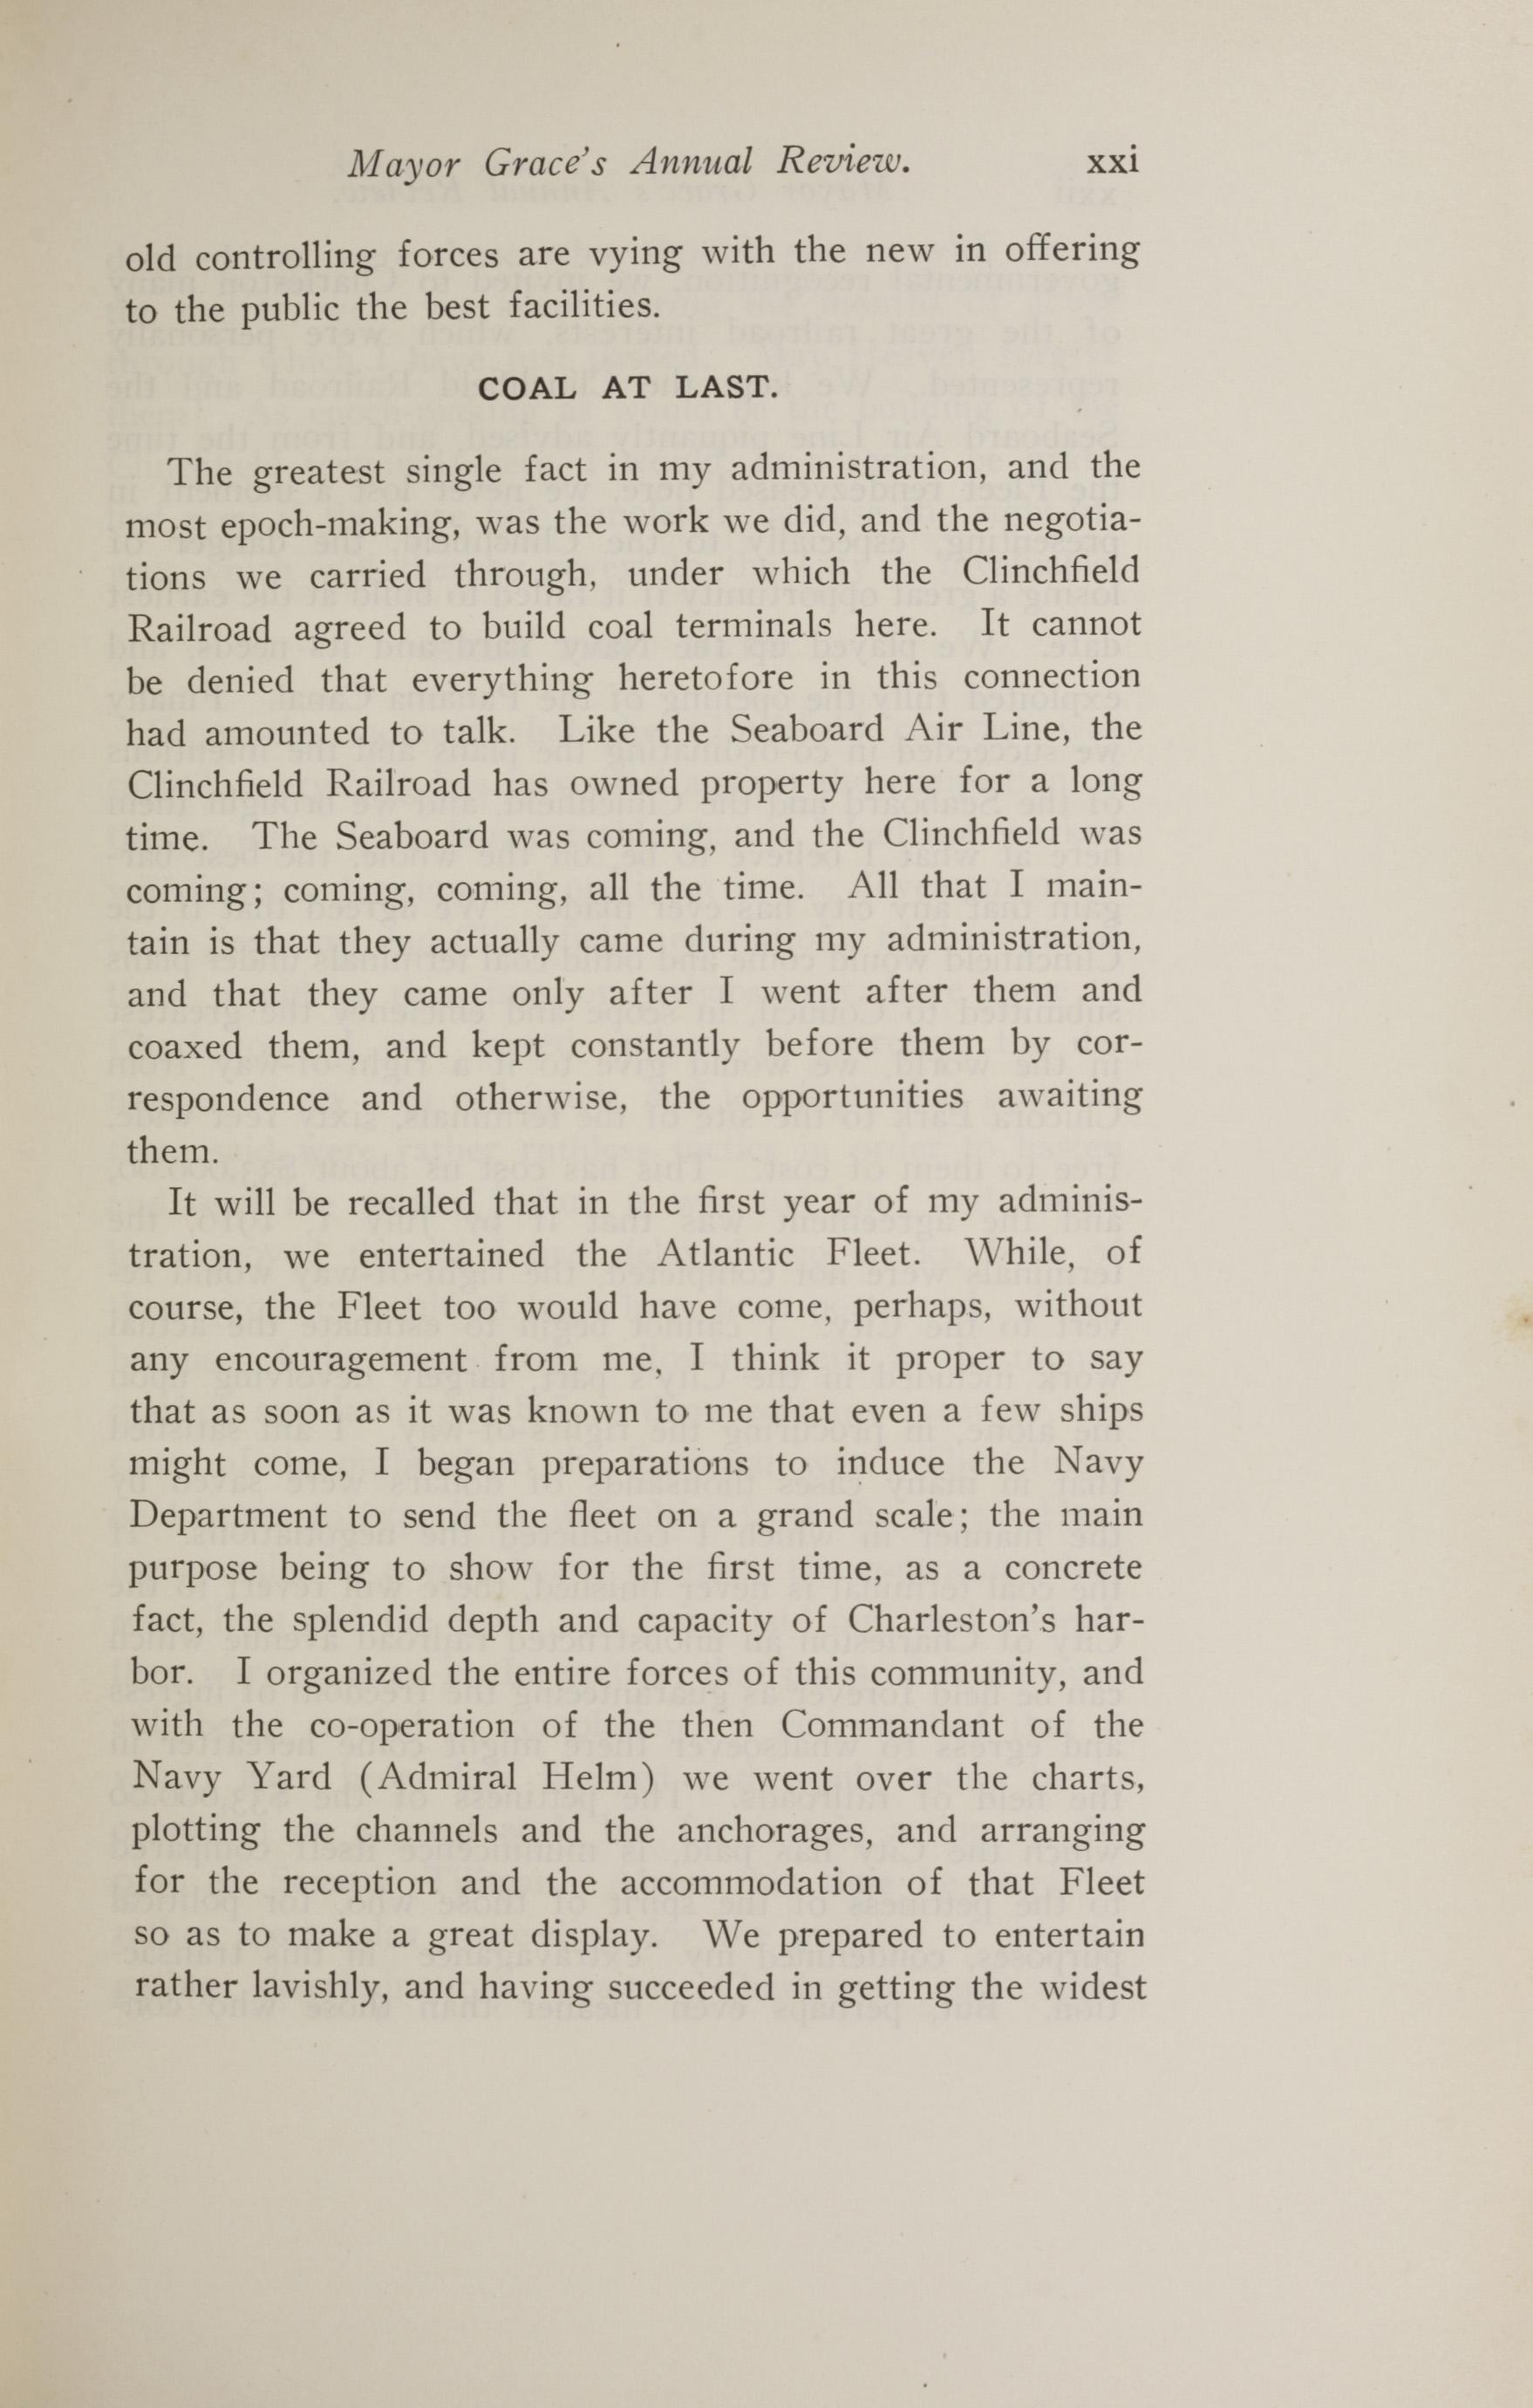 Charleston Yearbook, 1914, page xxi